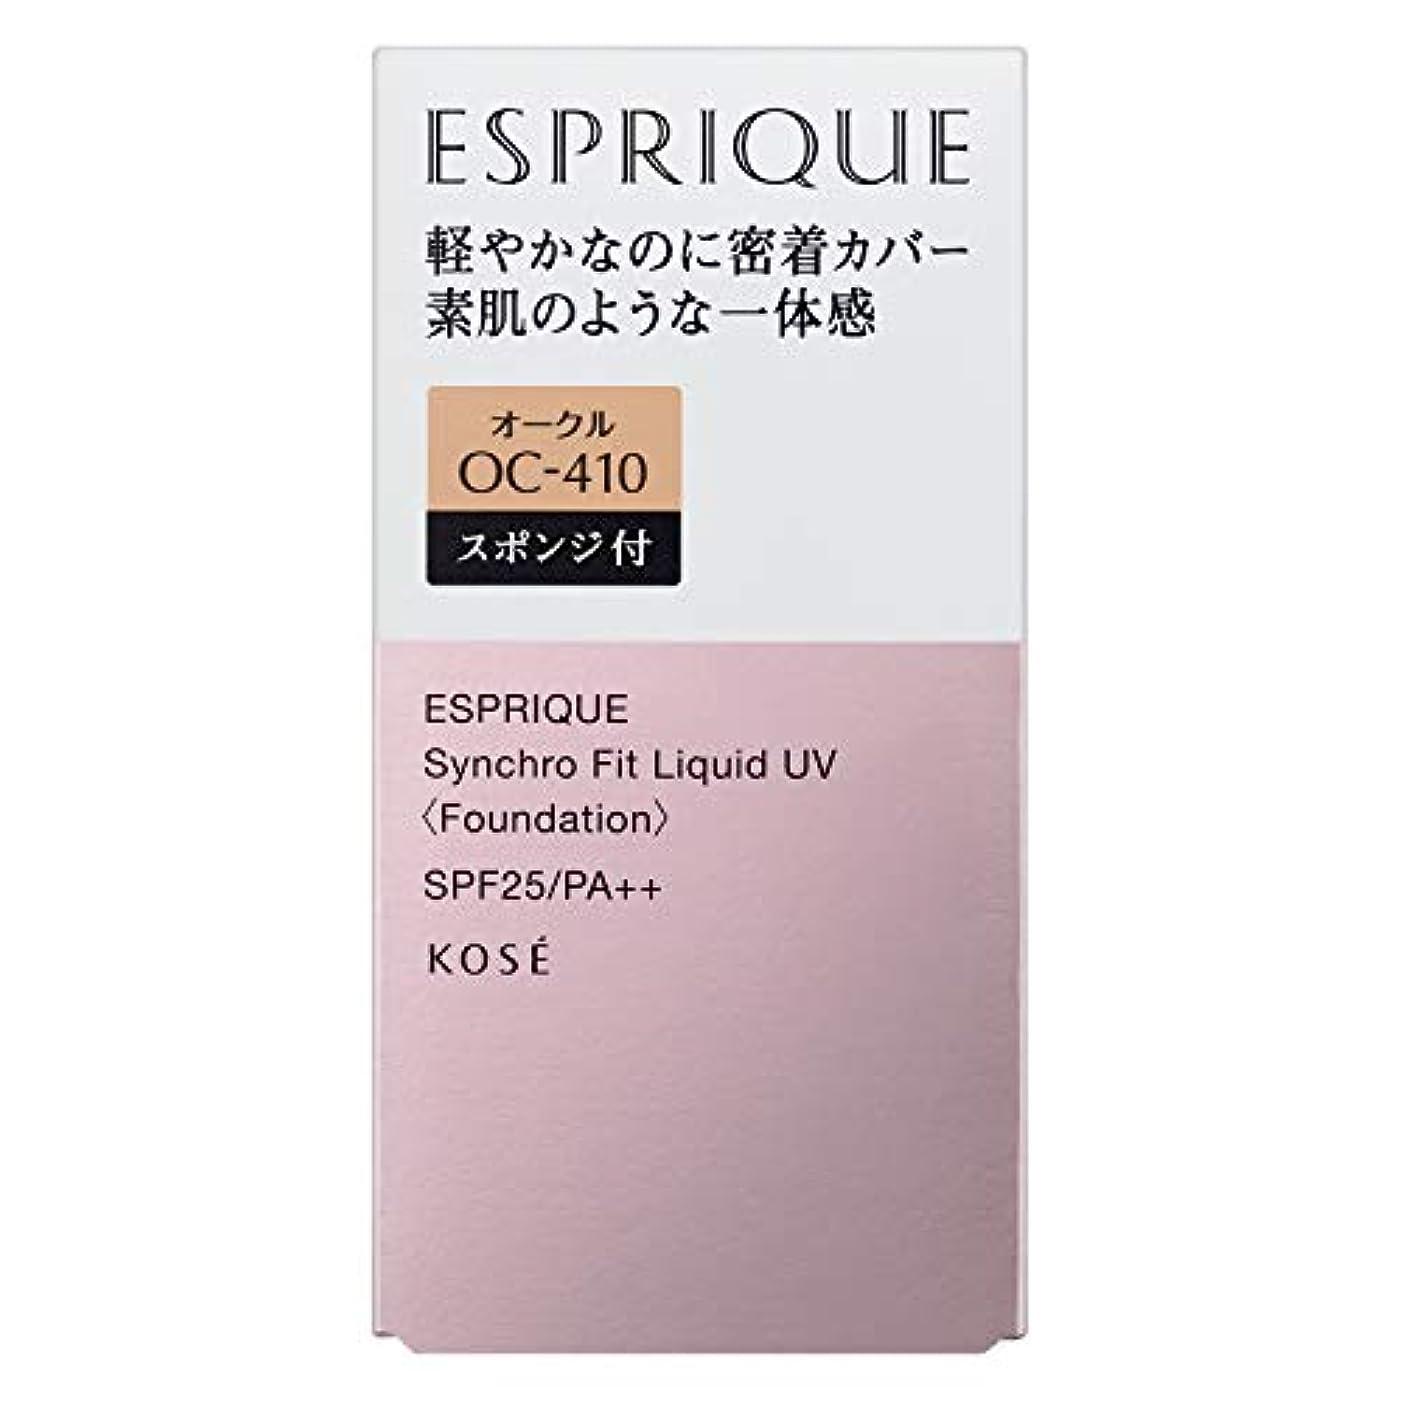 アレイマグアベニューESPRIQUE(エスプリーク) エスプリーク シンクロフィット リキッド UV ファンデーション 無香料 OC-410 オークル 30g